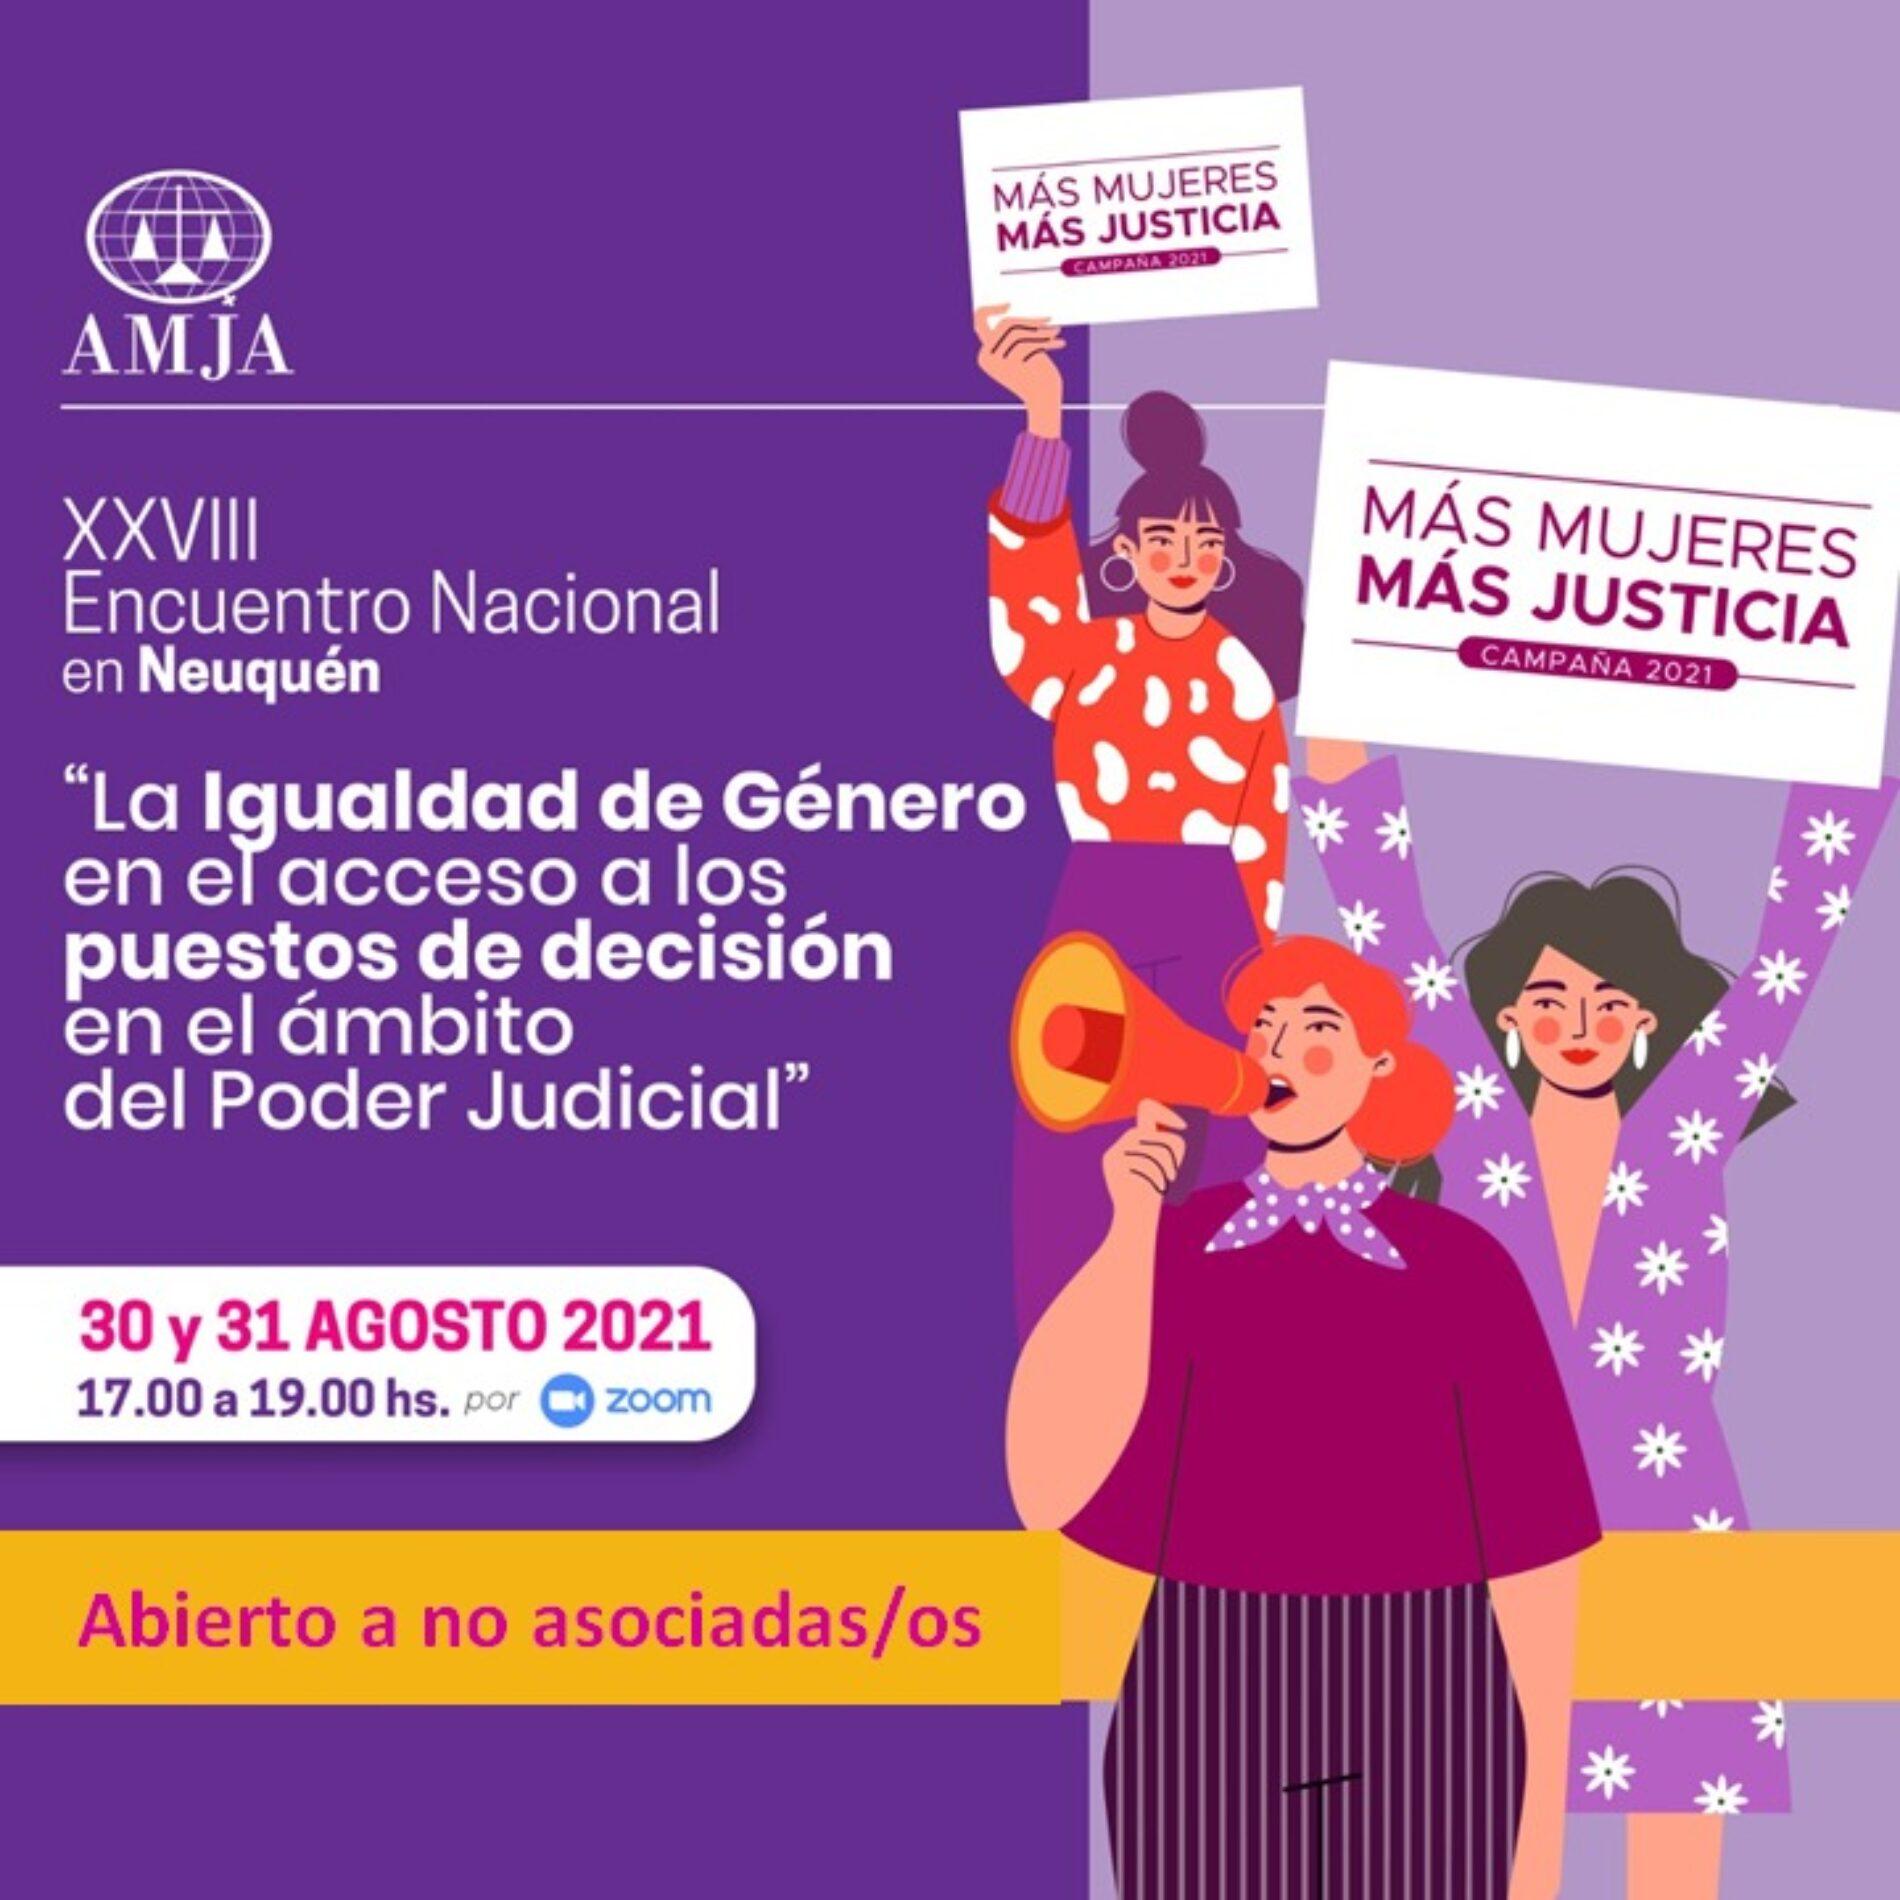 XXVIII Encuentro Nacional de AMJA en la Provincia del Neuquén.